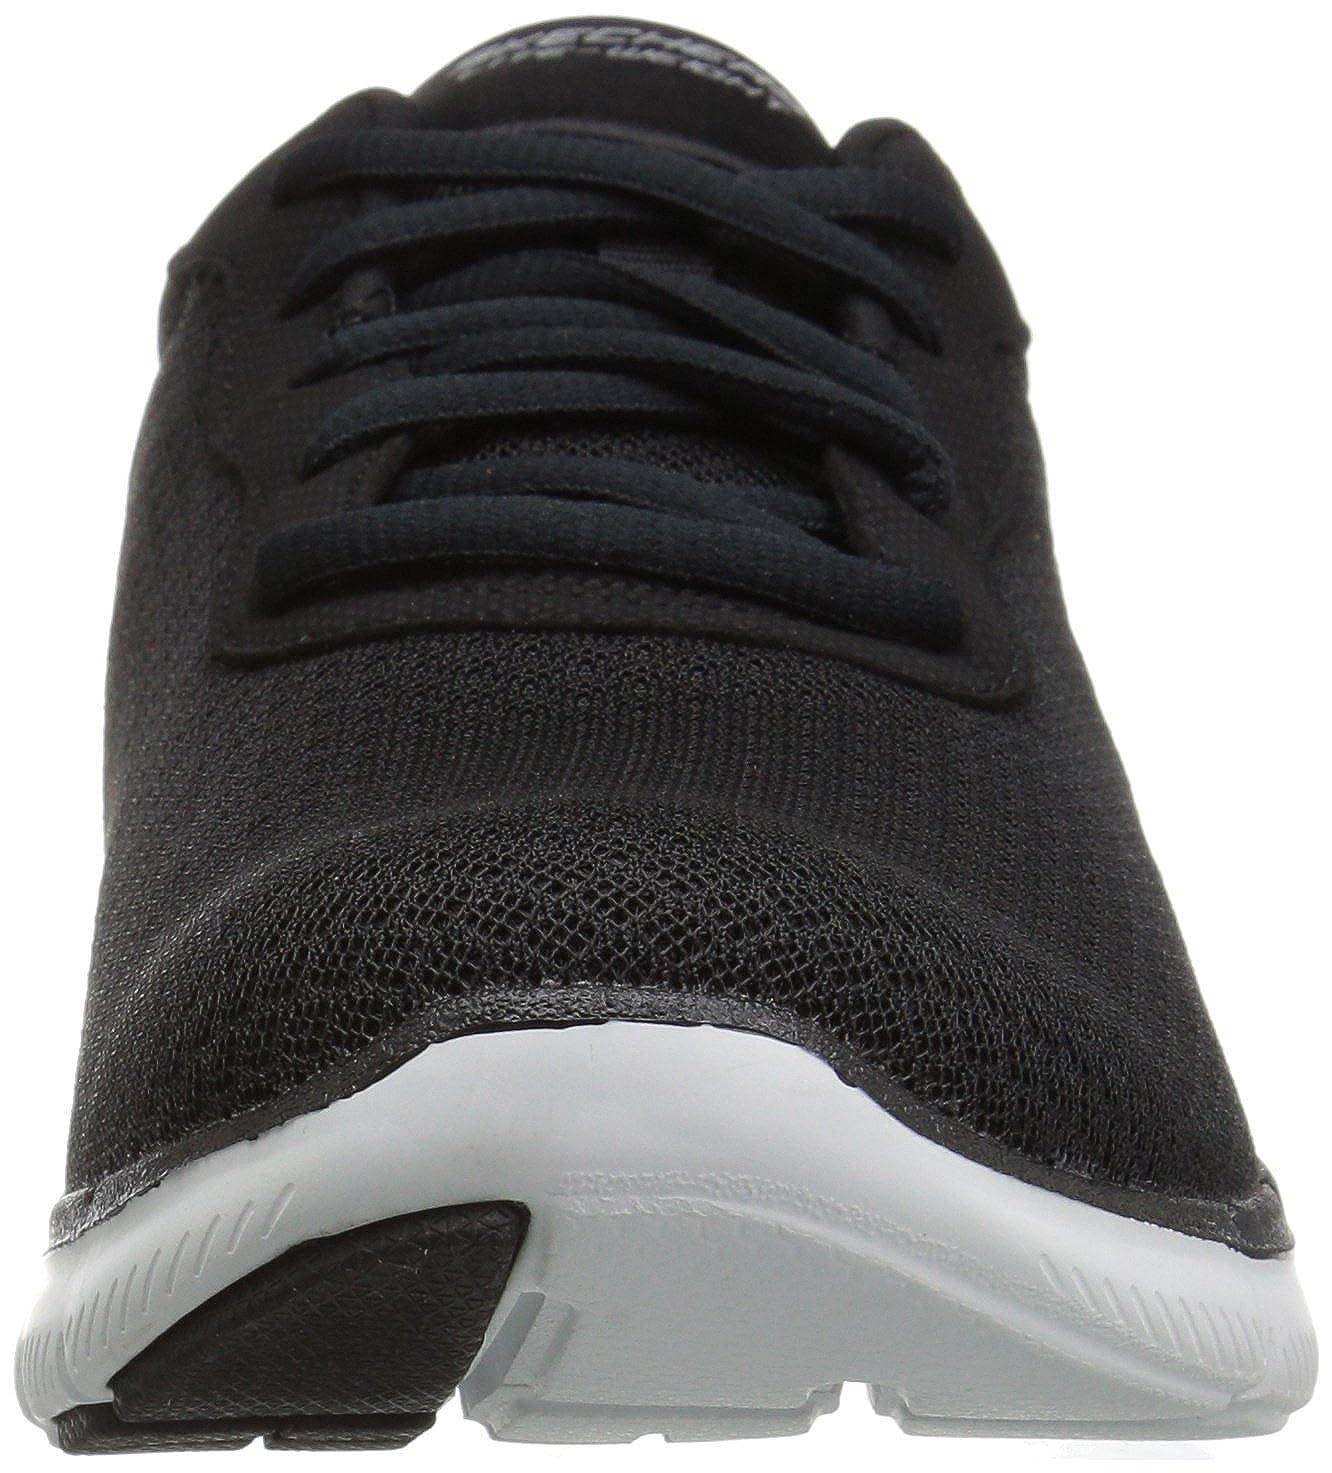 Skechers Flex Appeal Appeal Appeal 2.0-Newsmaker, scarpe da ginnastica Basse Donna | Conosciuto per la sua buona qualità  | Maschio/Ragazze Scarpa  a4b358